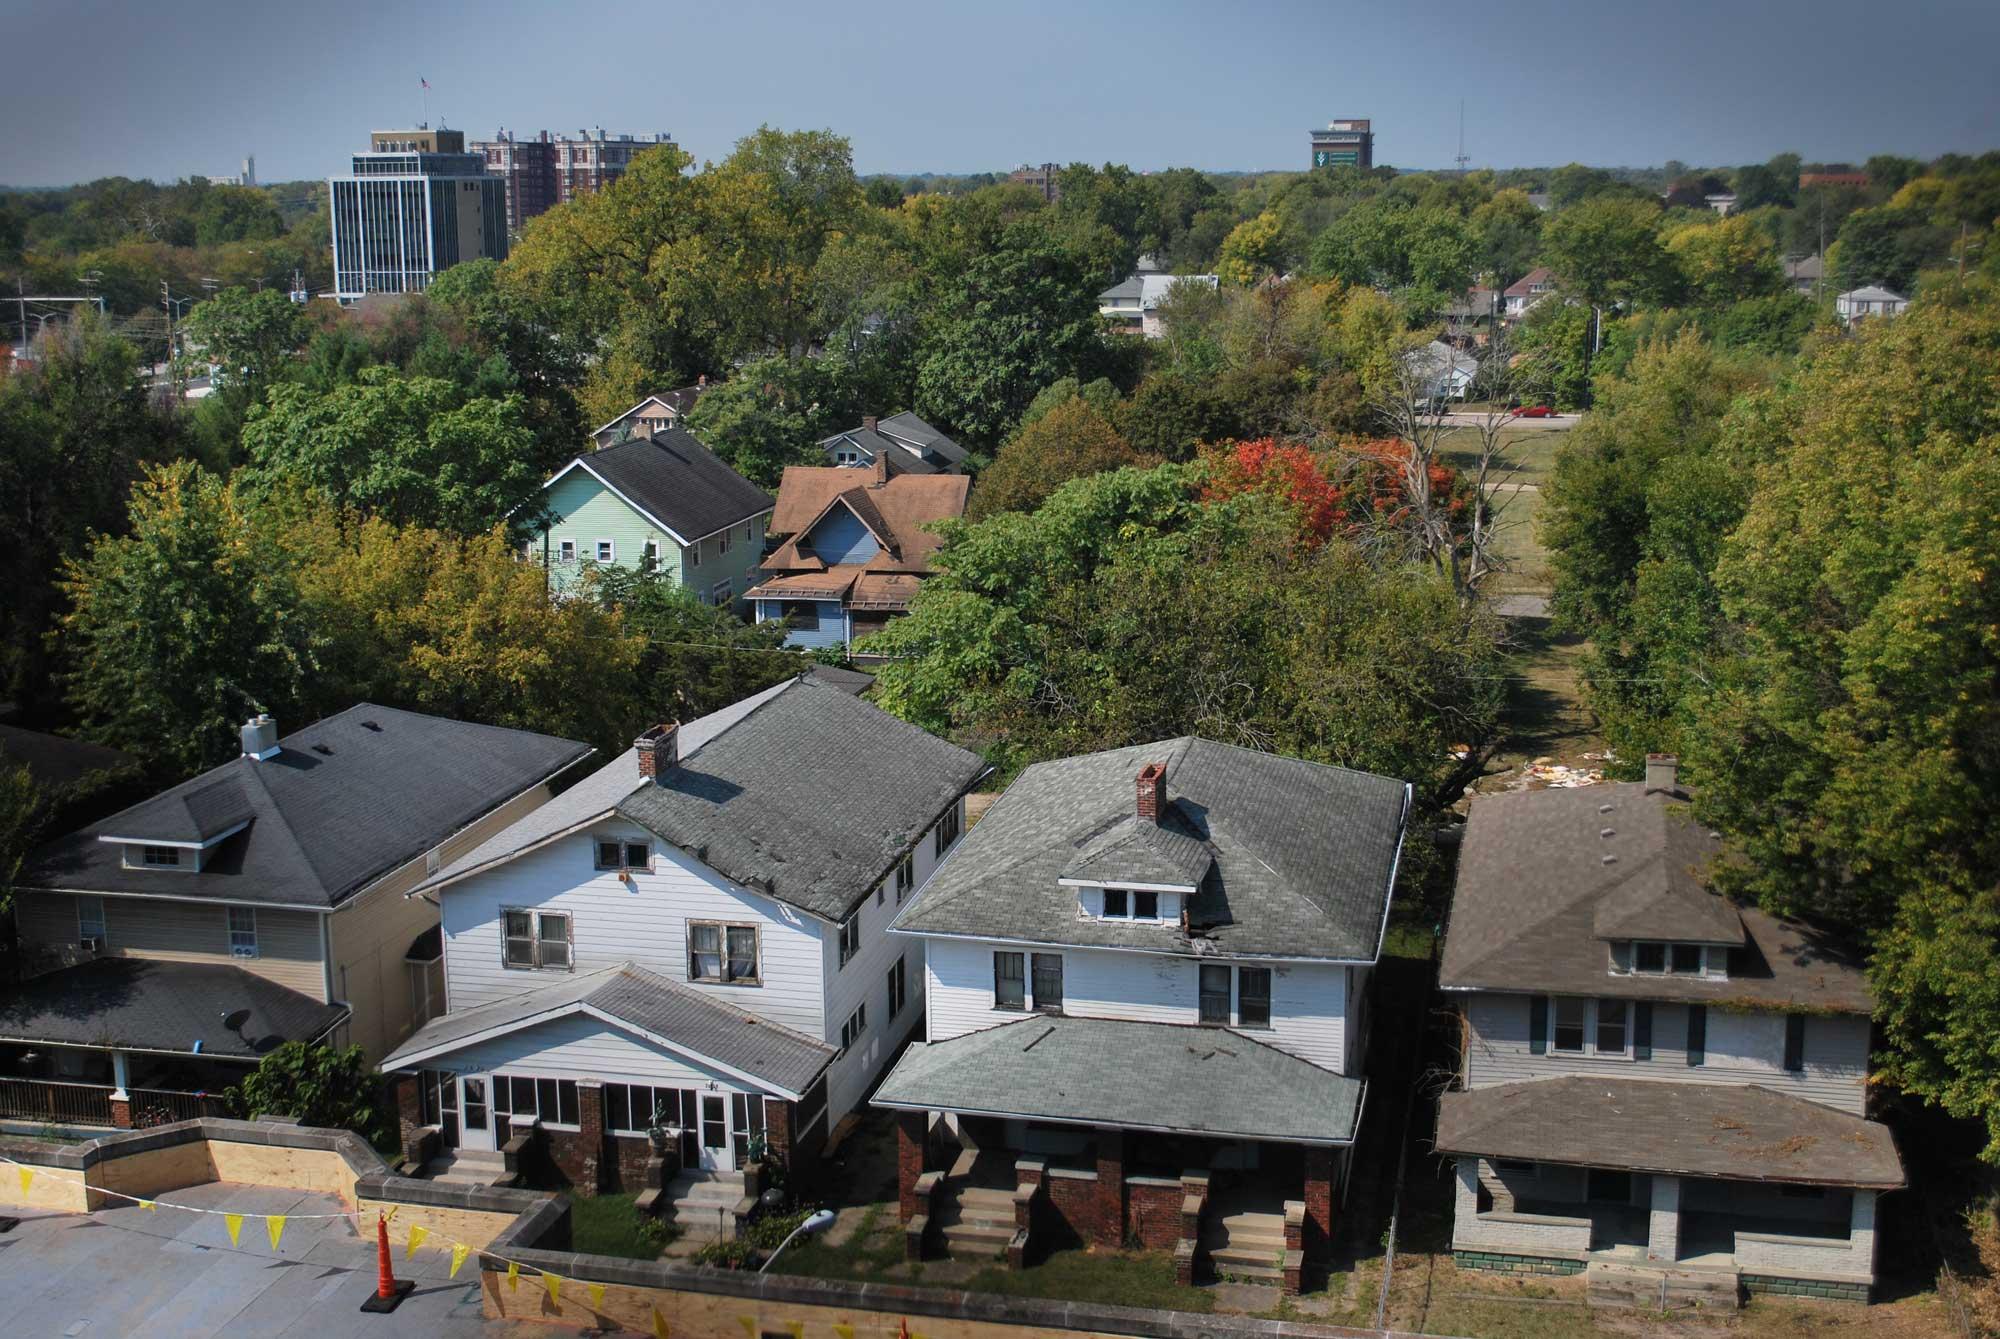 Neighborhood Change 1970-2016